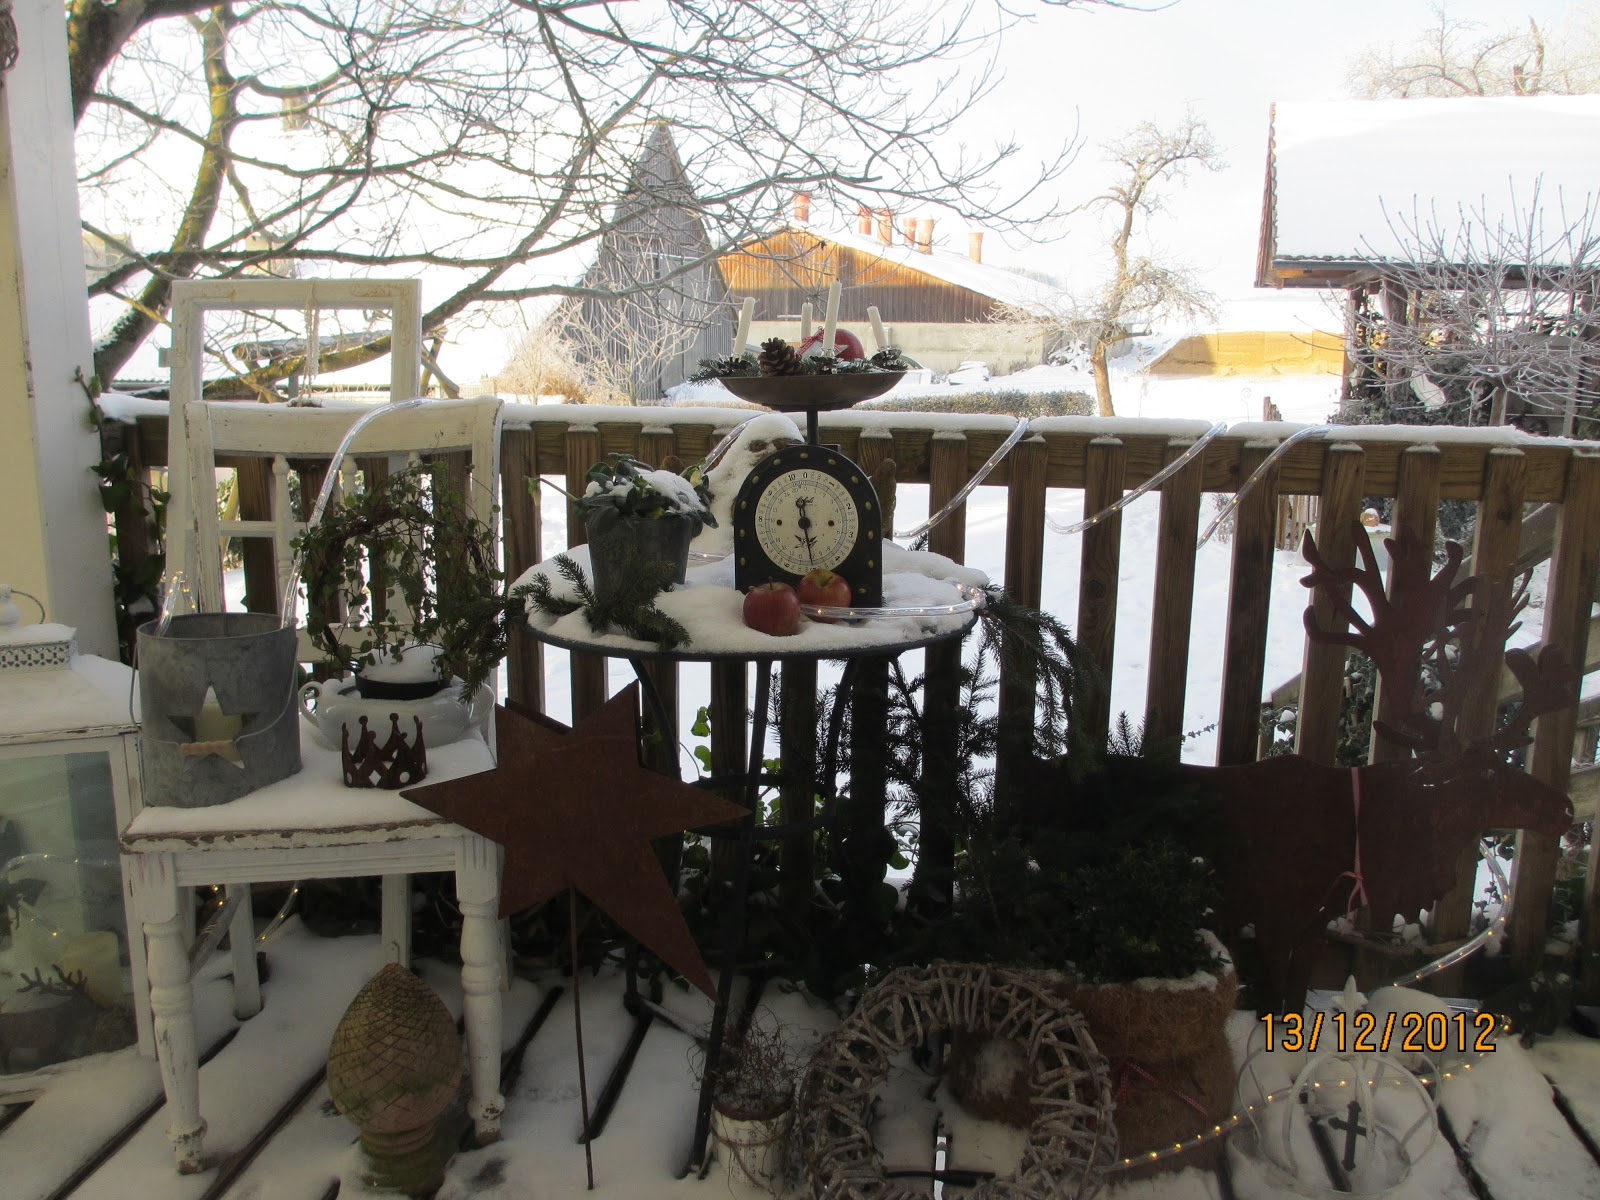 Weihnachtsdeko f r balkon my blog - Weihnachtsdeko wohnung ...